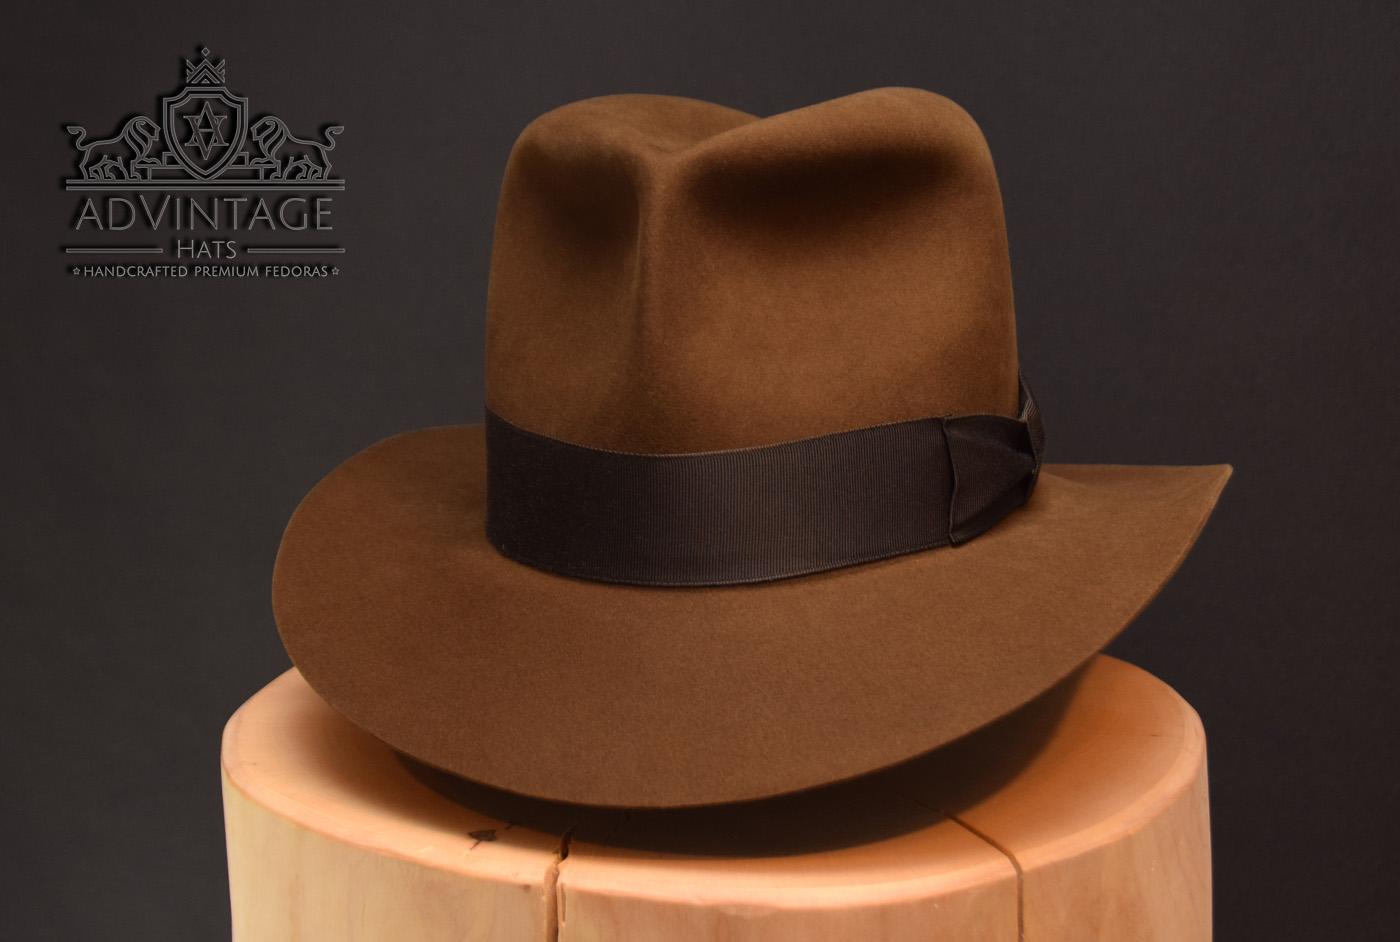 Raider Fedora Hut Hat rolta indiana jones indy